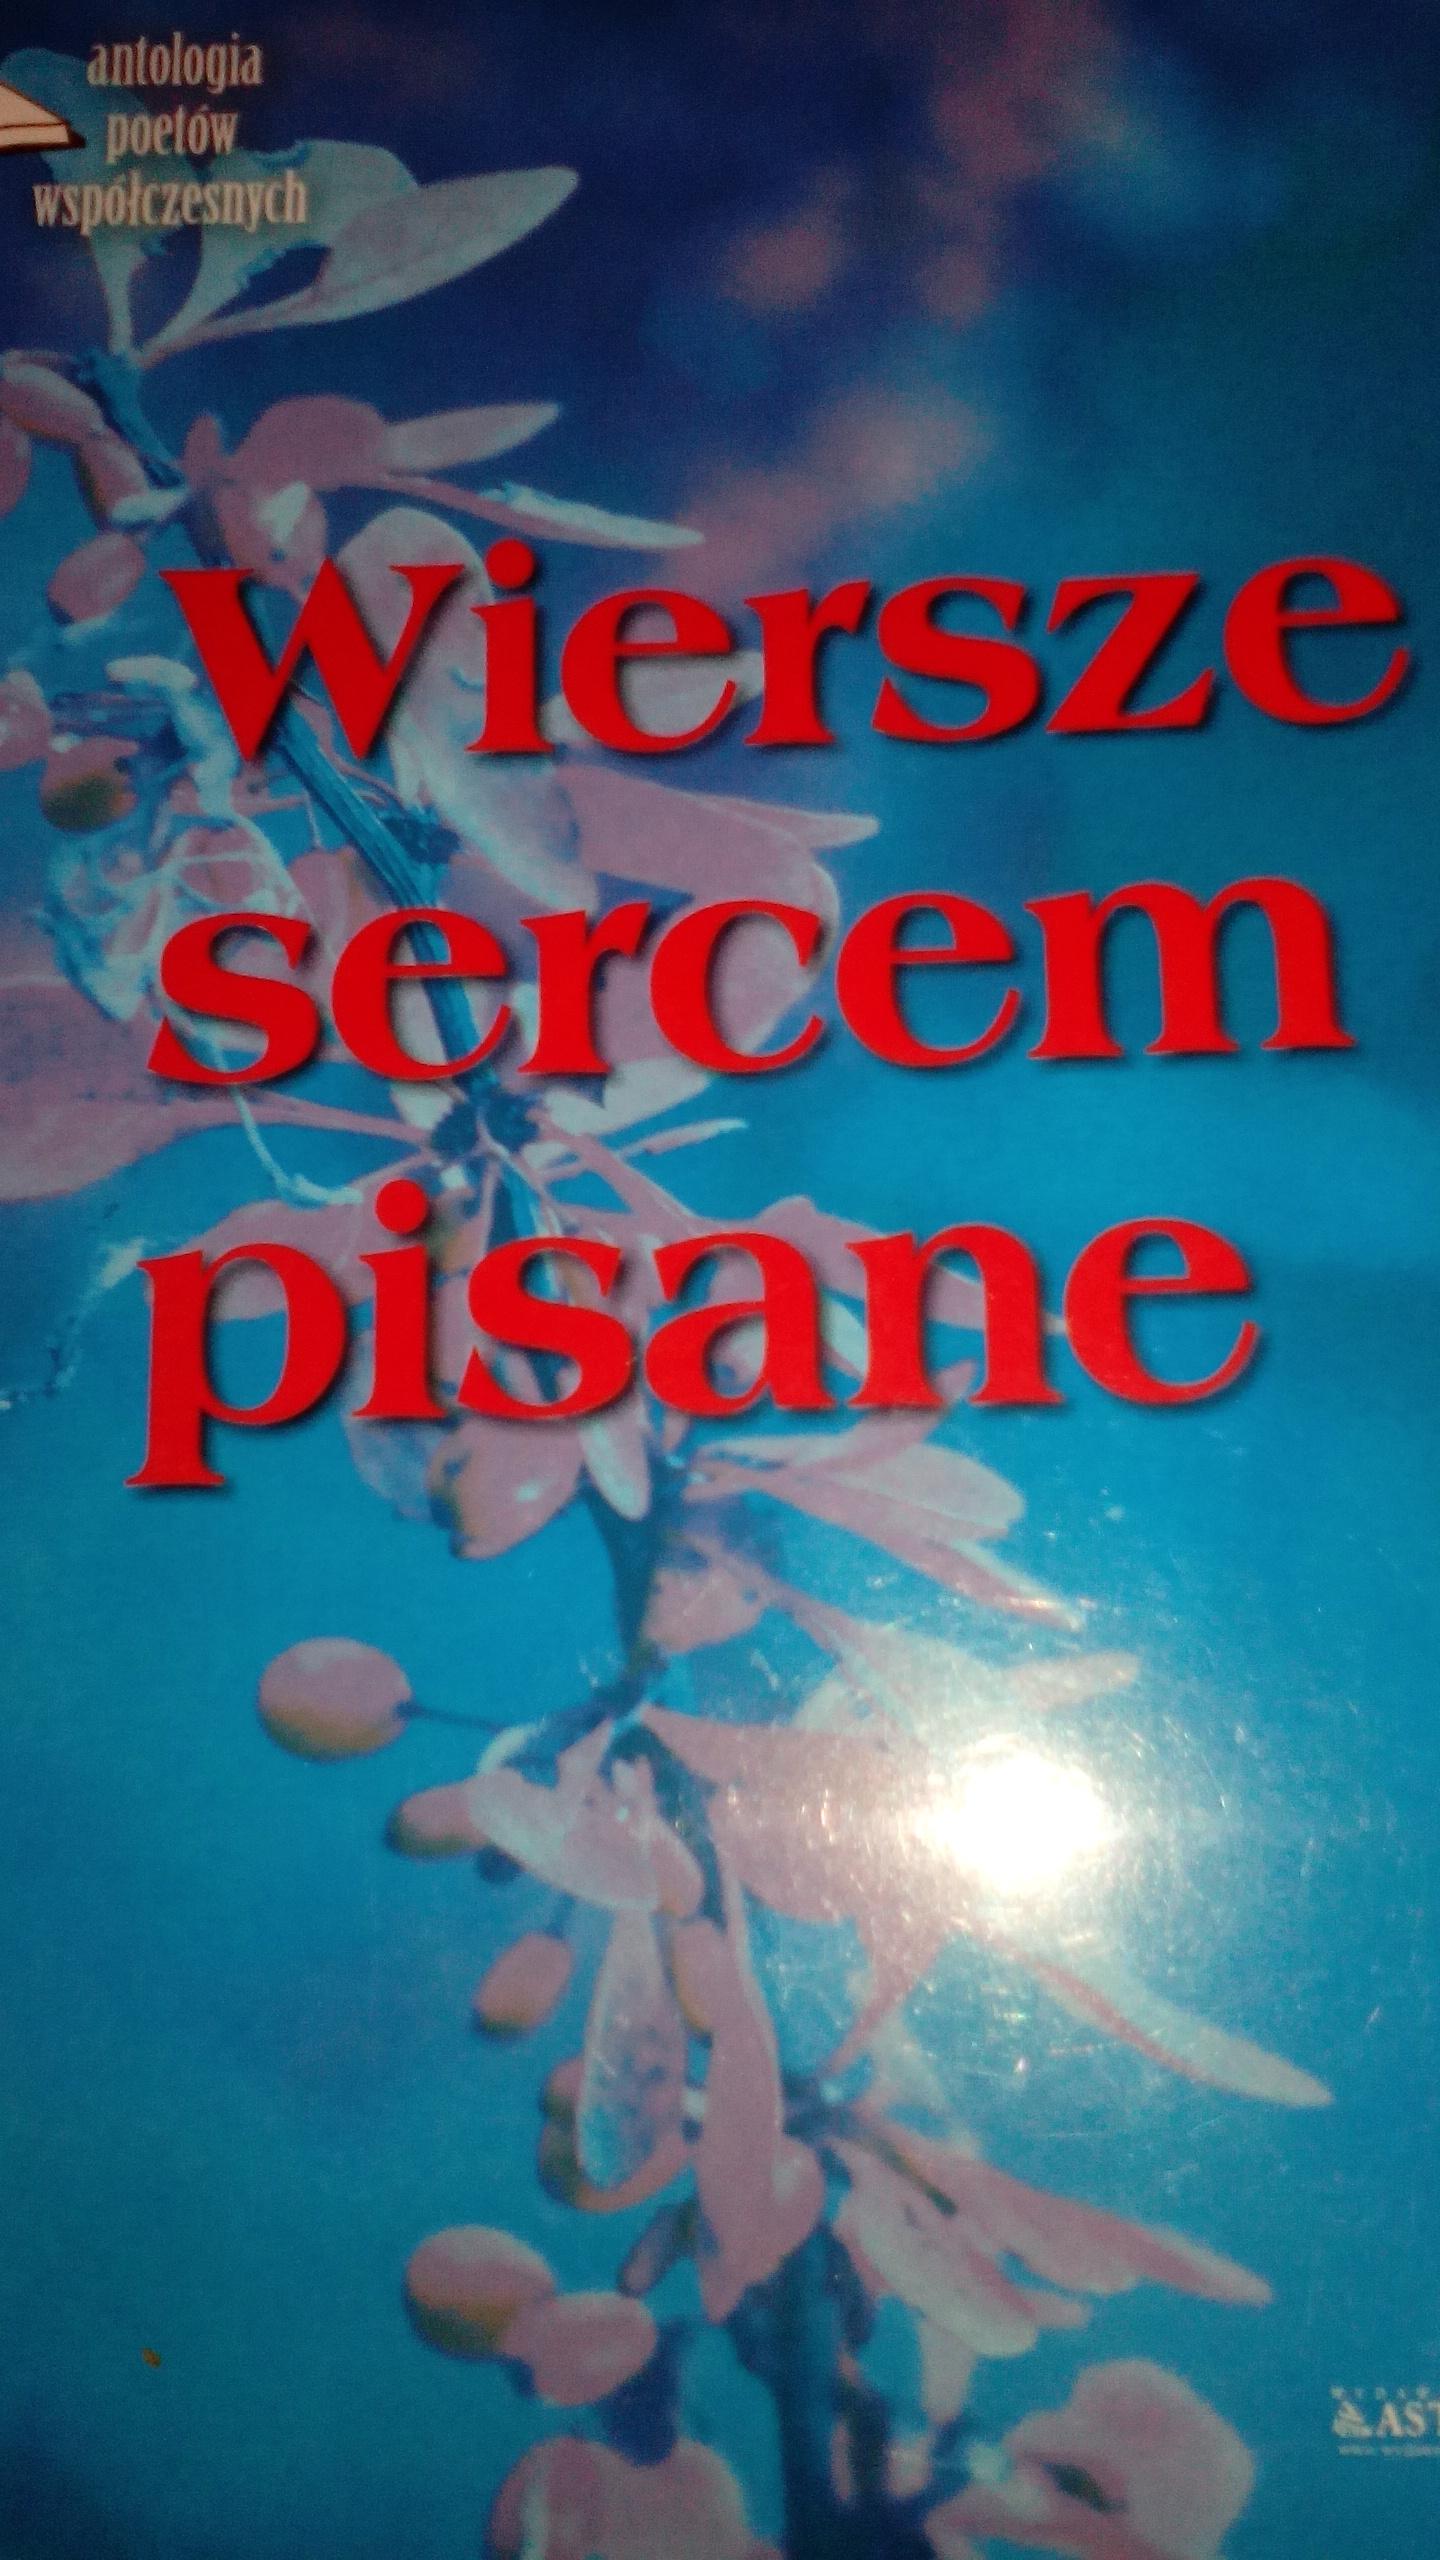 Wiersze Sercem Pisane 3 Antologia Poetów Współczesnych